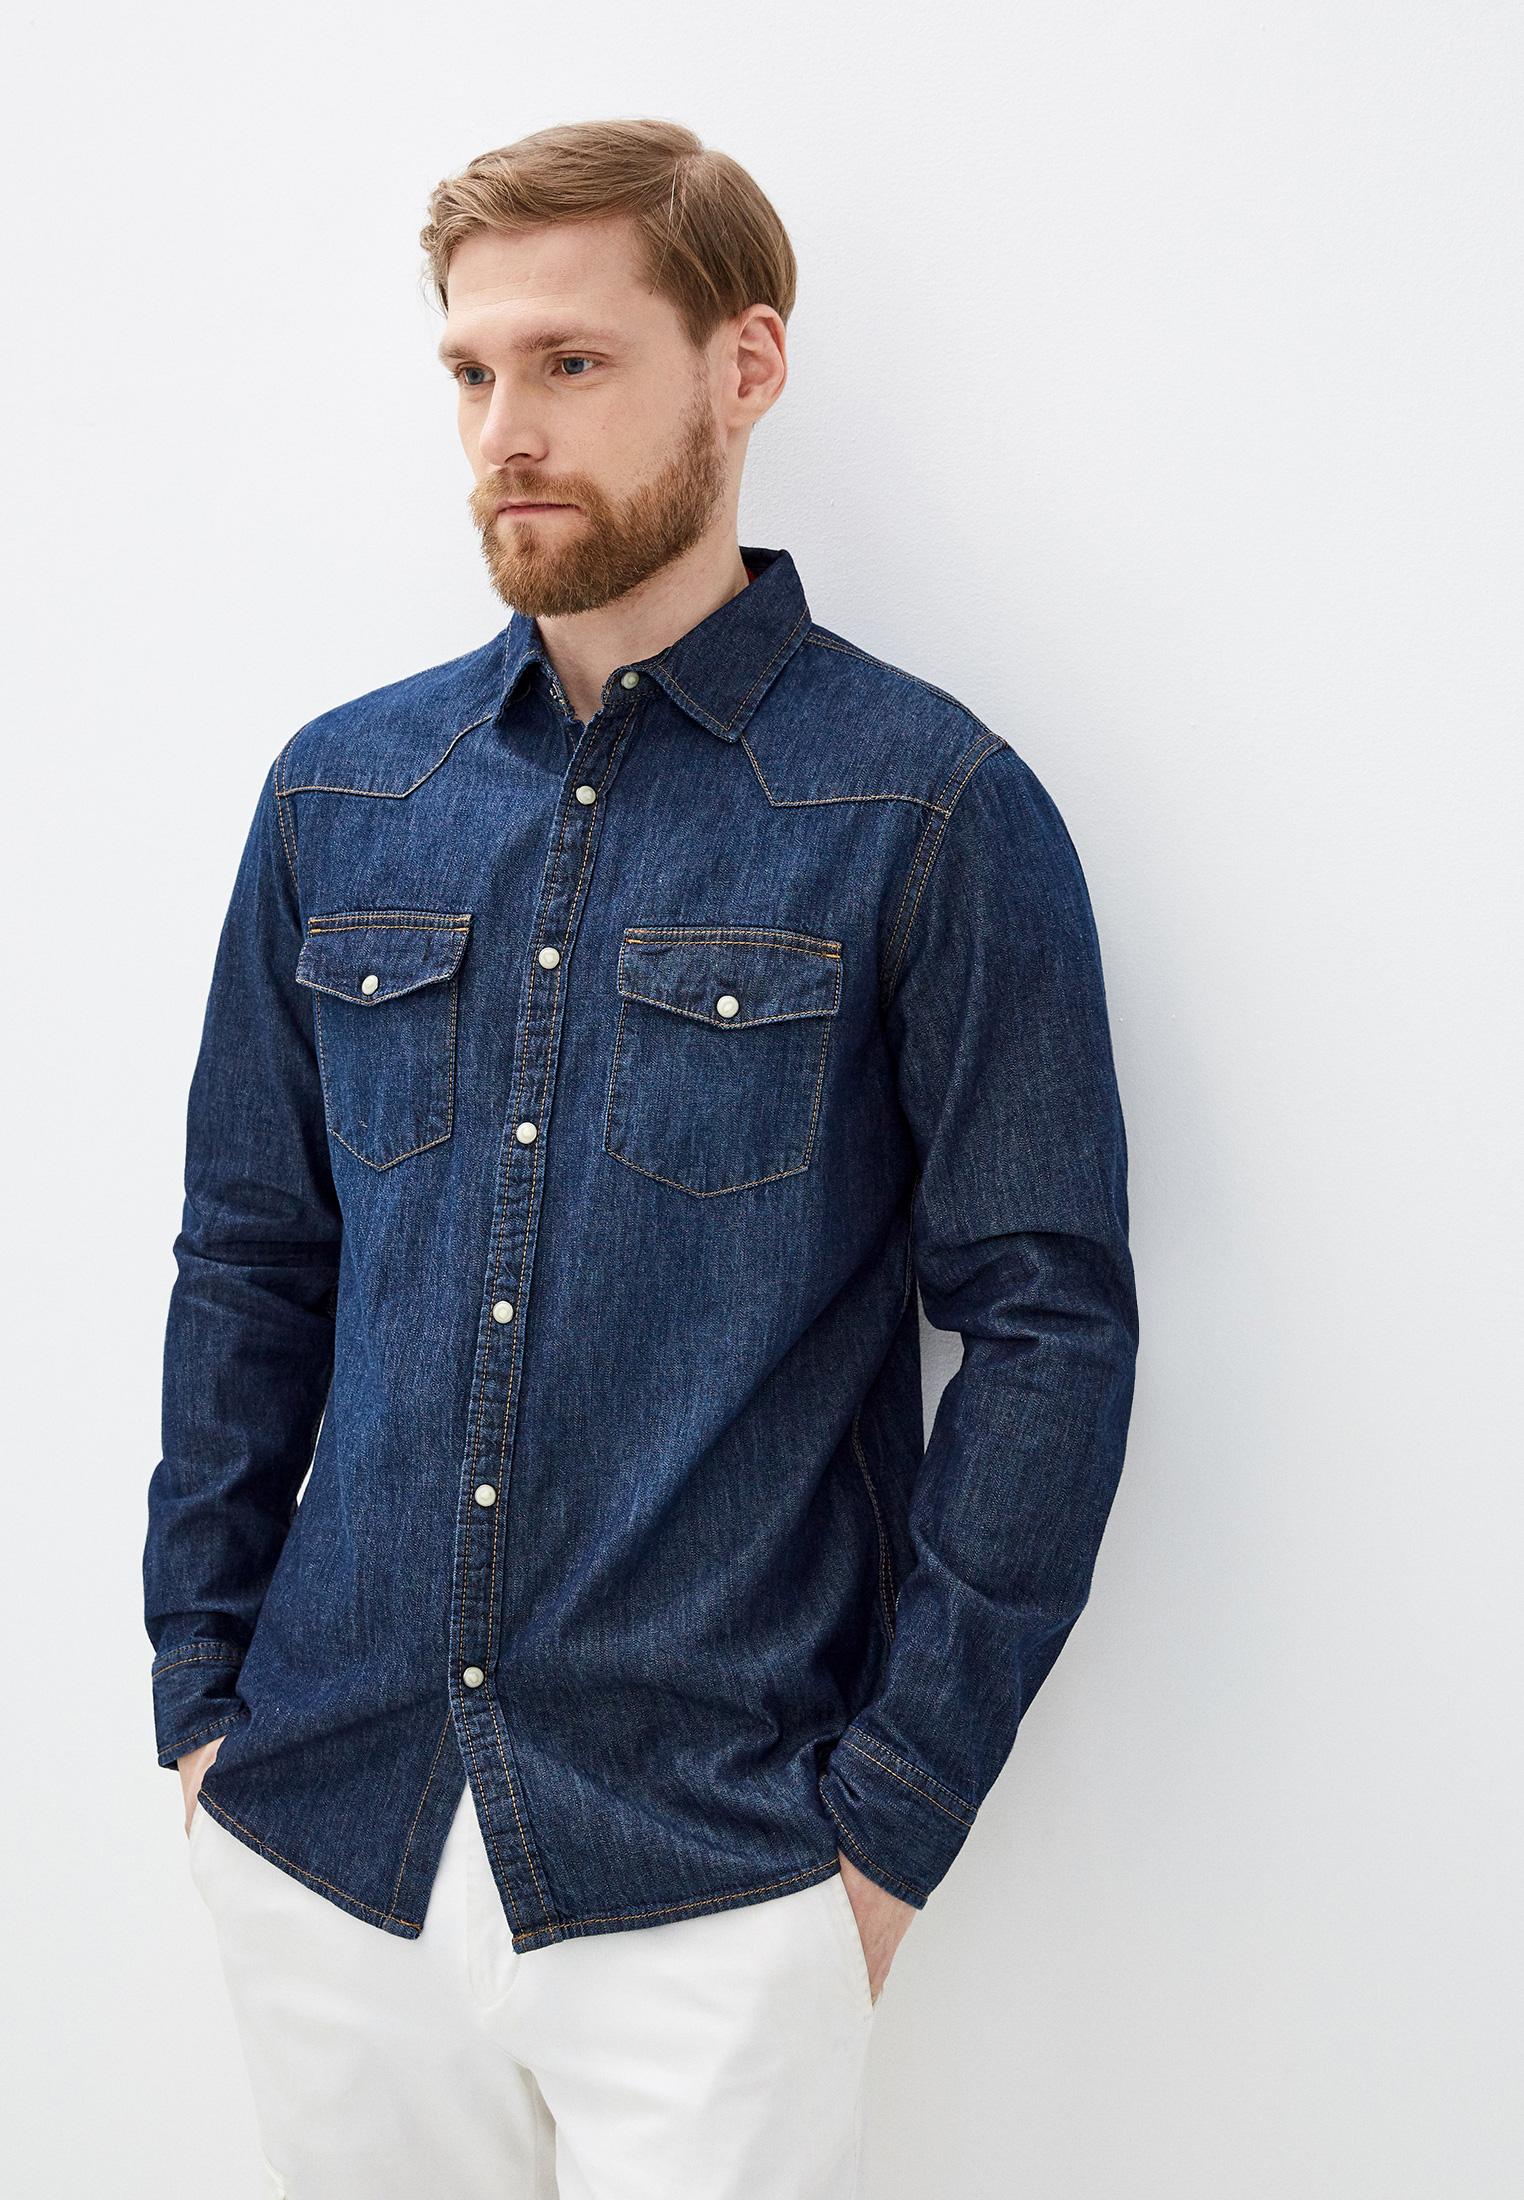 картинки рубашек и джинсов если первые